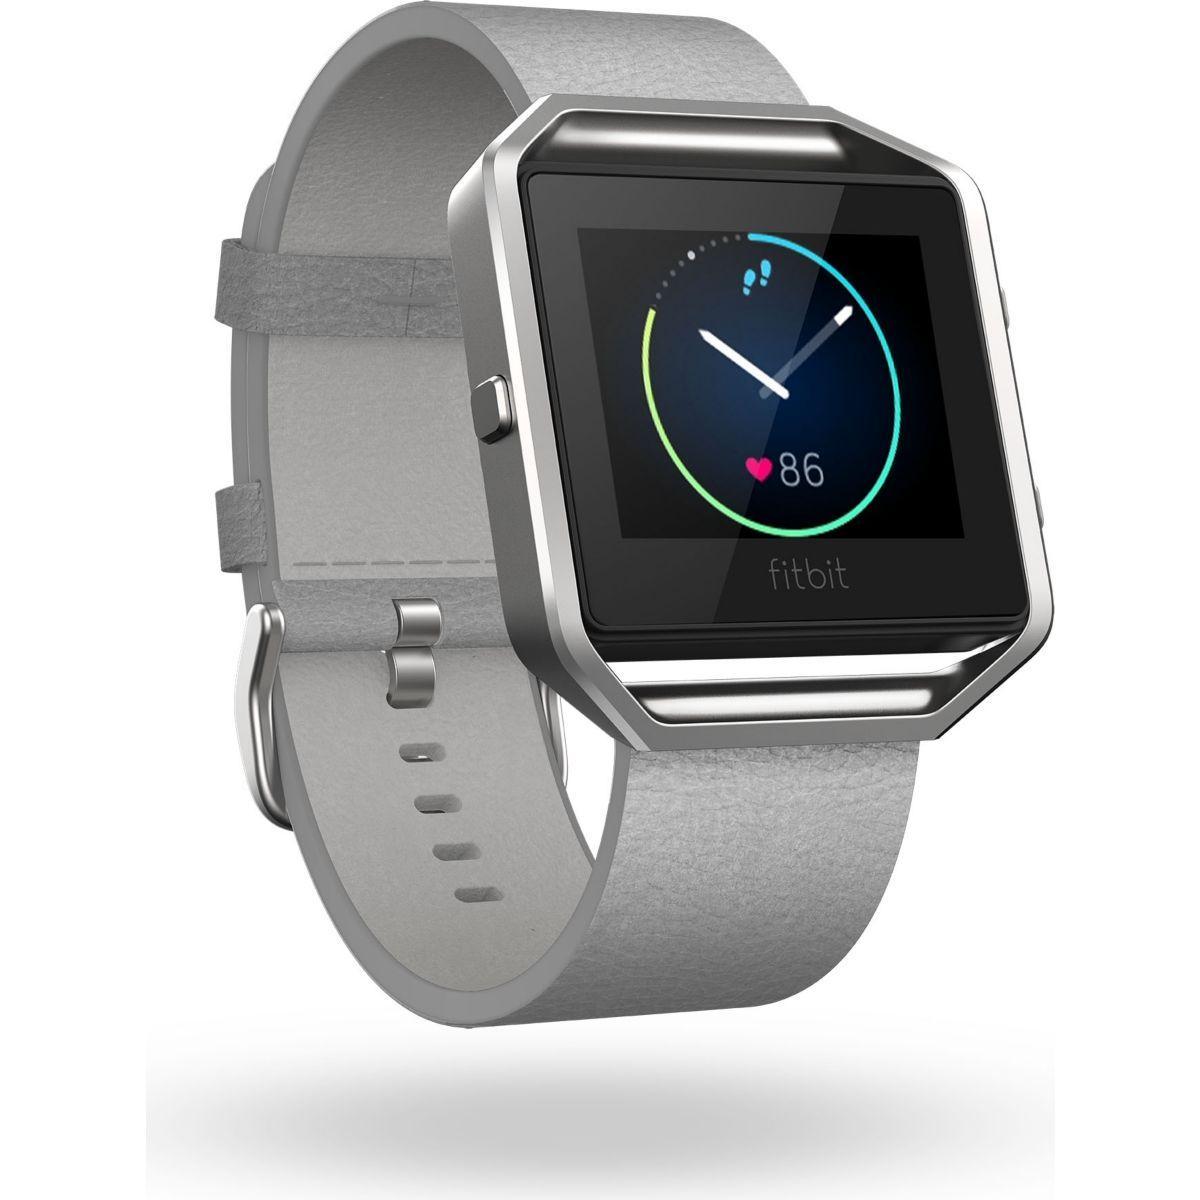 Accessoire fitbit bracelet cuir blaze grey s - 15% de remise immédiate avec le code : top15 (photo)